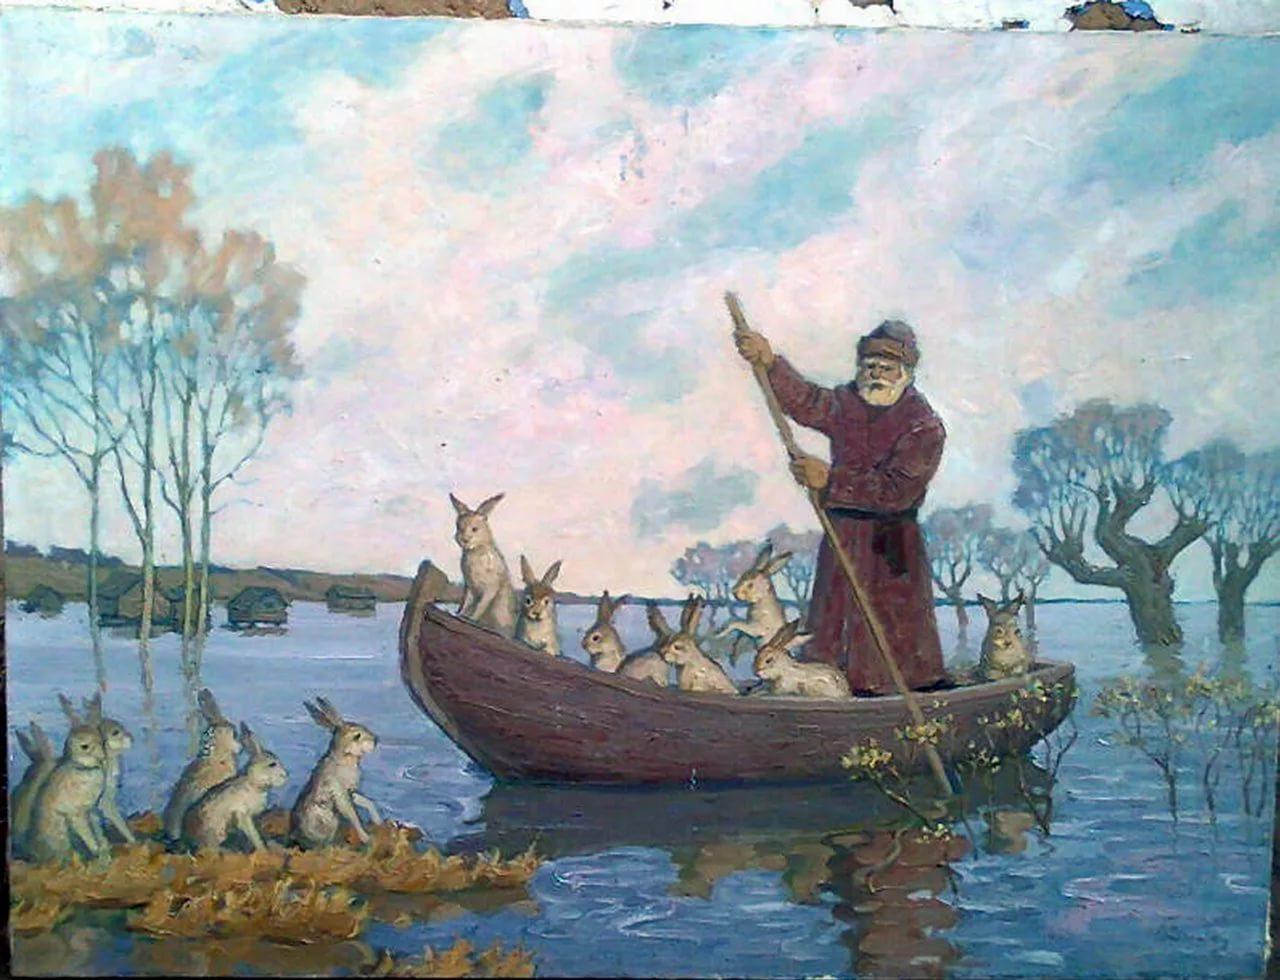 НЕКРАСОВ ДЕД МАЗАЙ И ЗАЙЦЫ МУЛЬТФИЛЬМ СКАЧАТЬ БЕСПЛАТНО